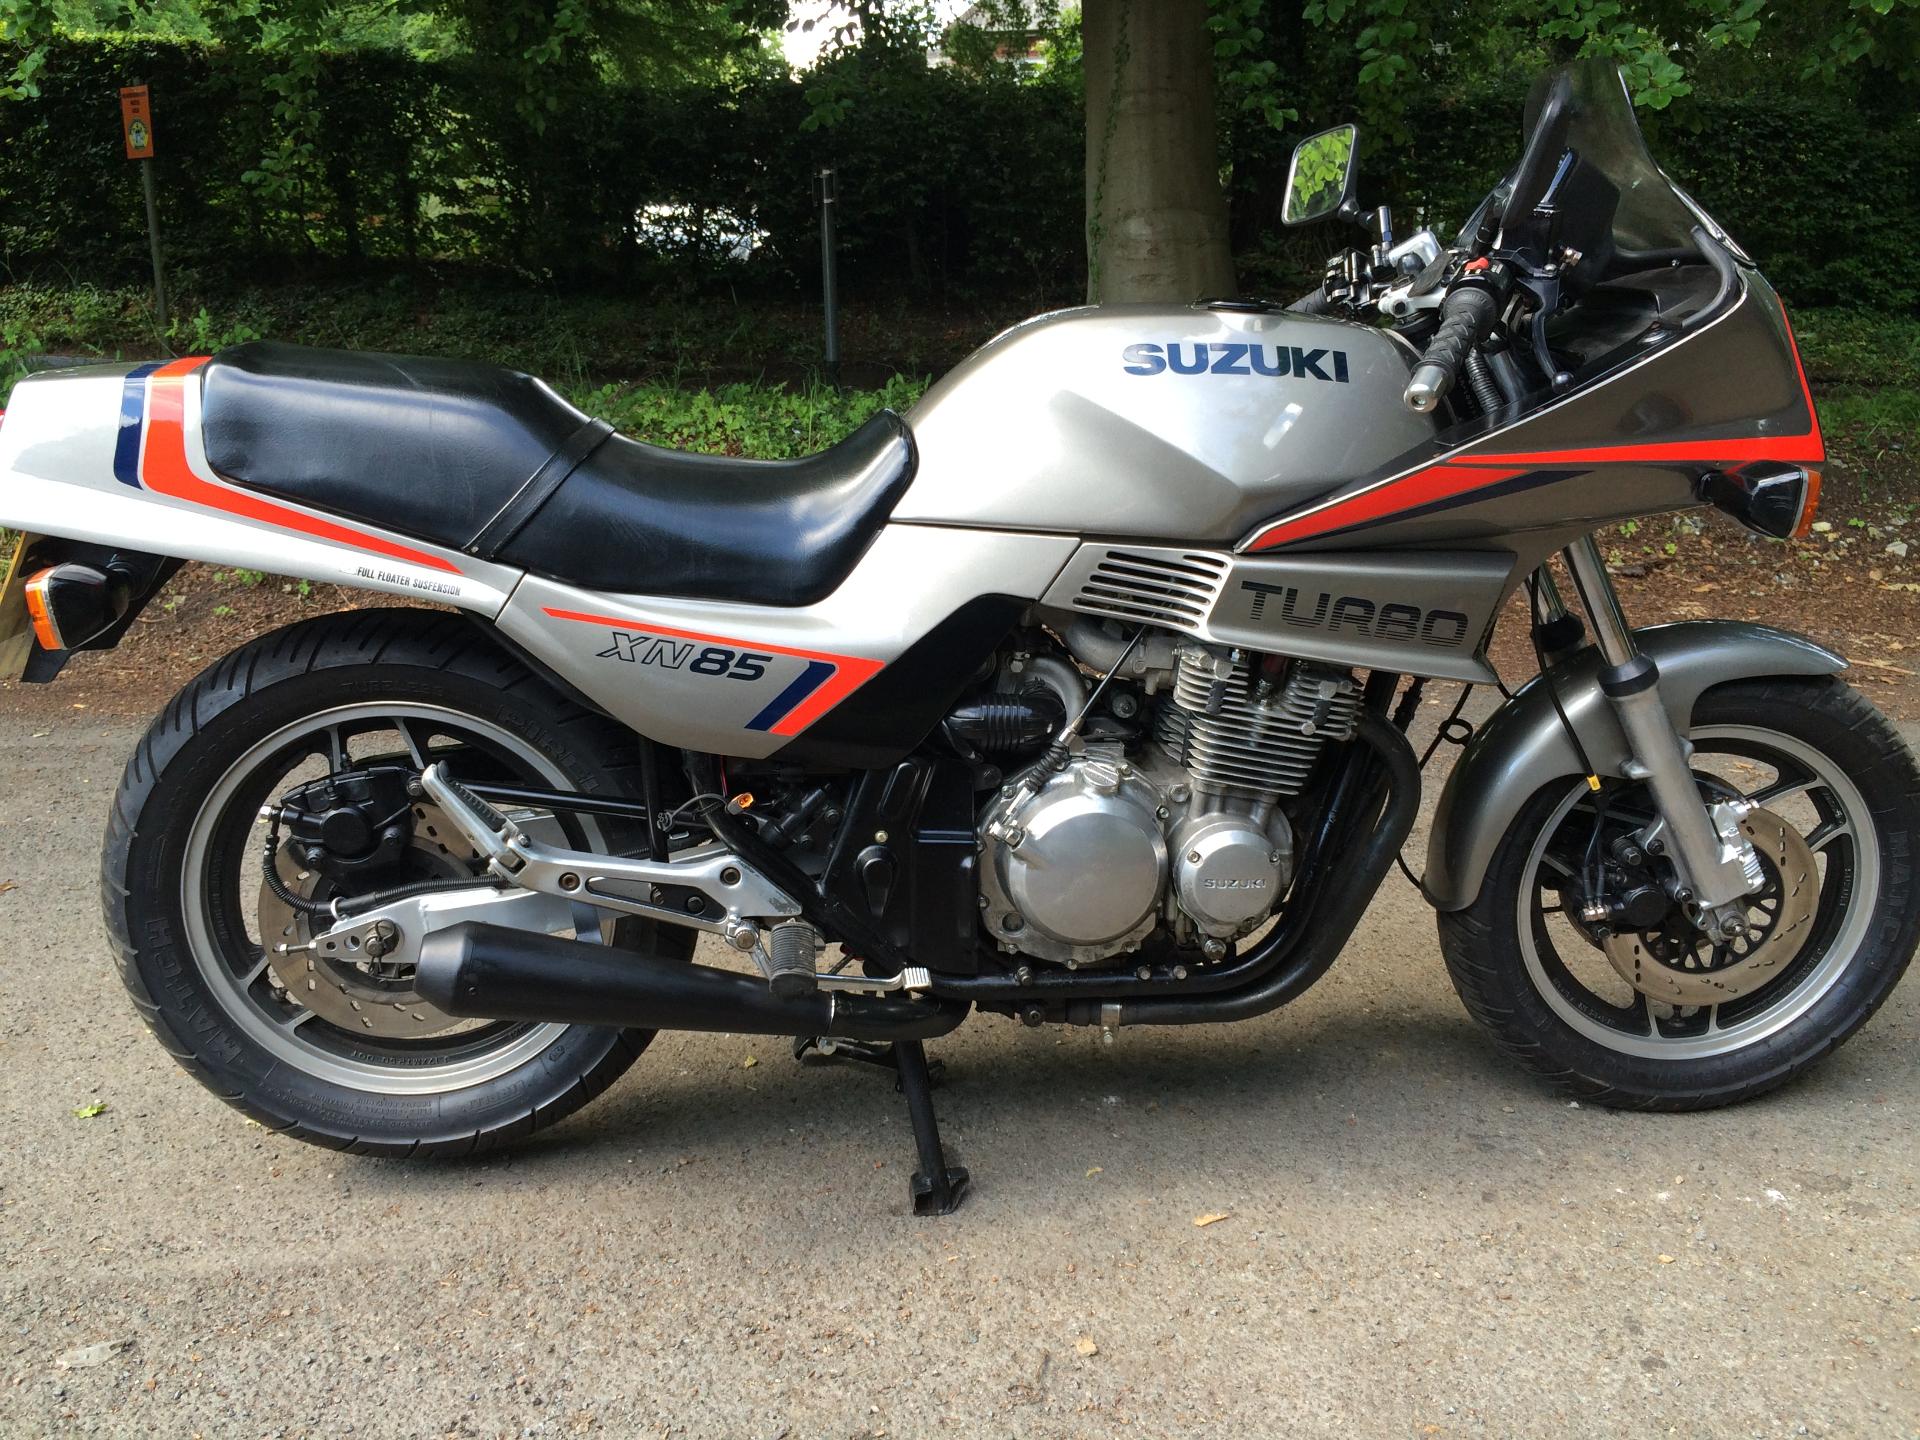 XN85 Turbo £7,250